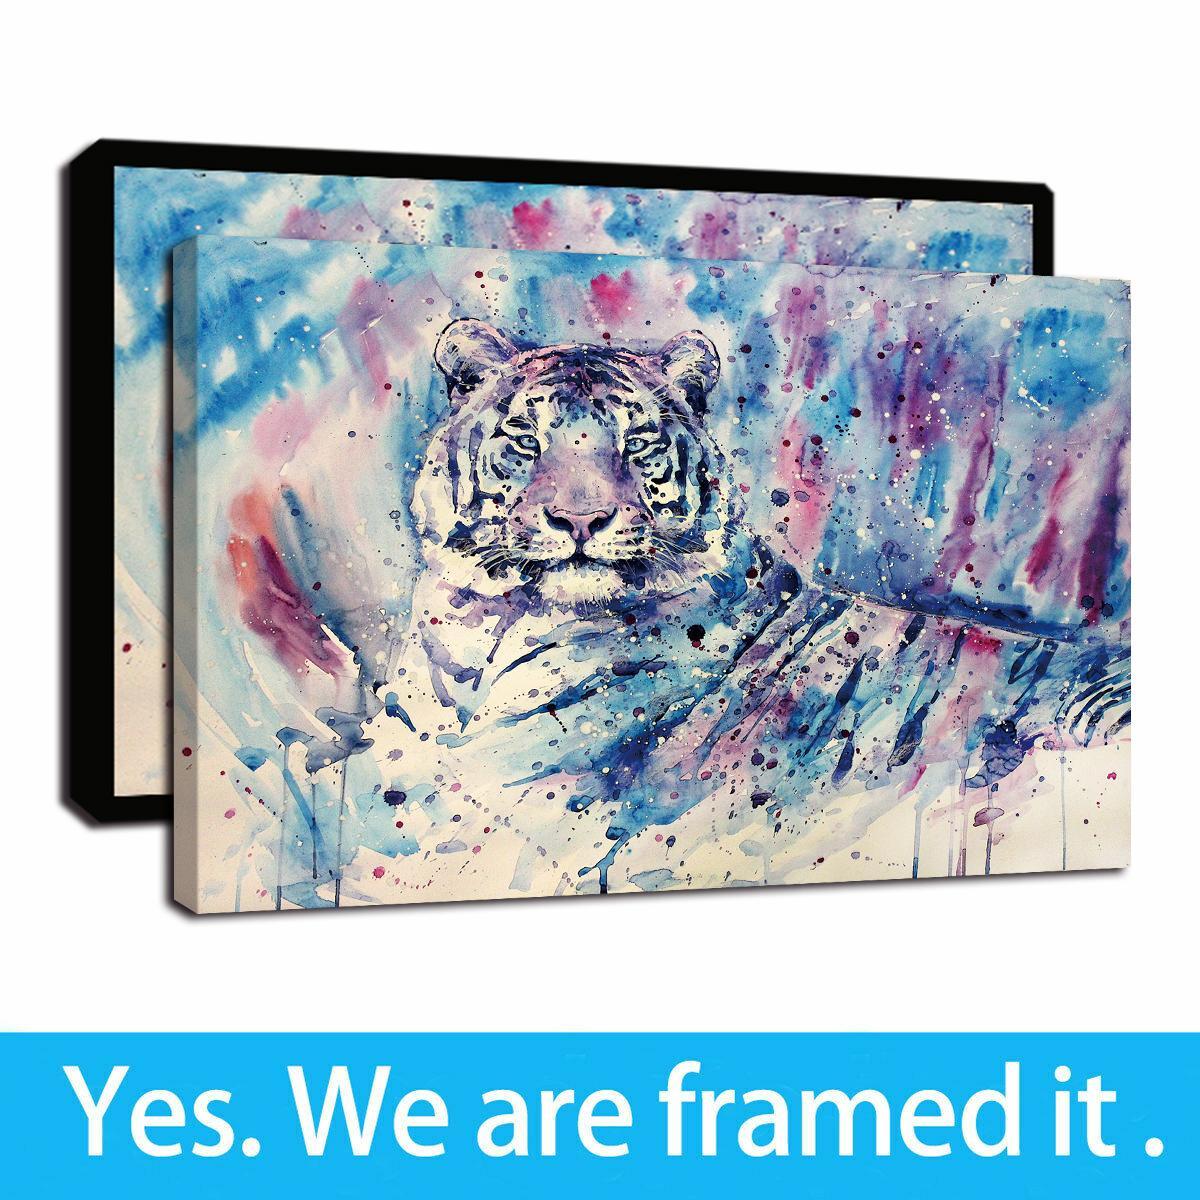 Ilustraciones enmarcadas Cartel colorido del aceite del tigre animal pintada pinturas de la impresión de HD en pinturas de la lona de arte de la pared para la decoración del hogar listo para colgar